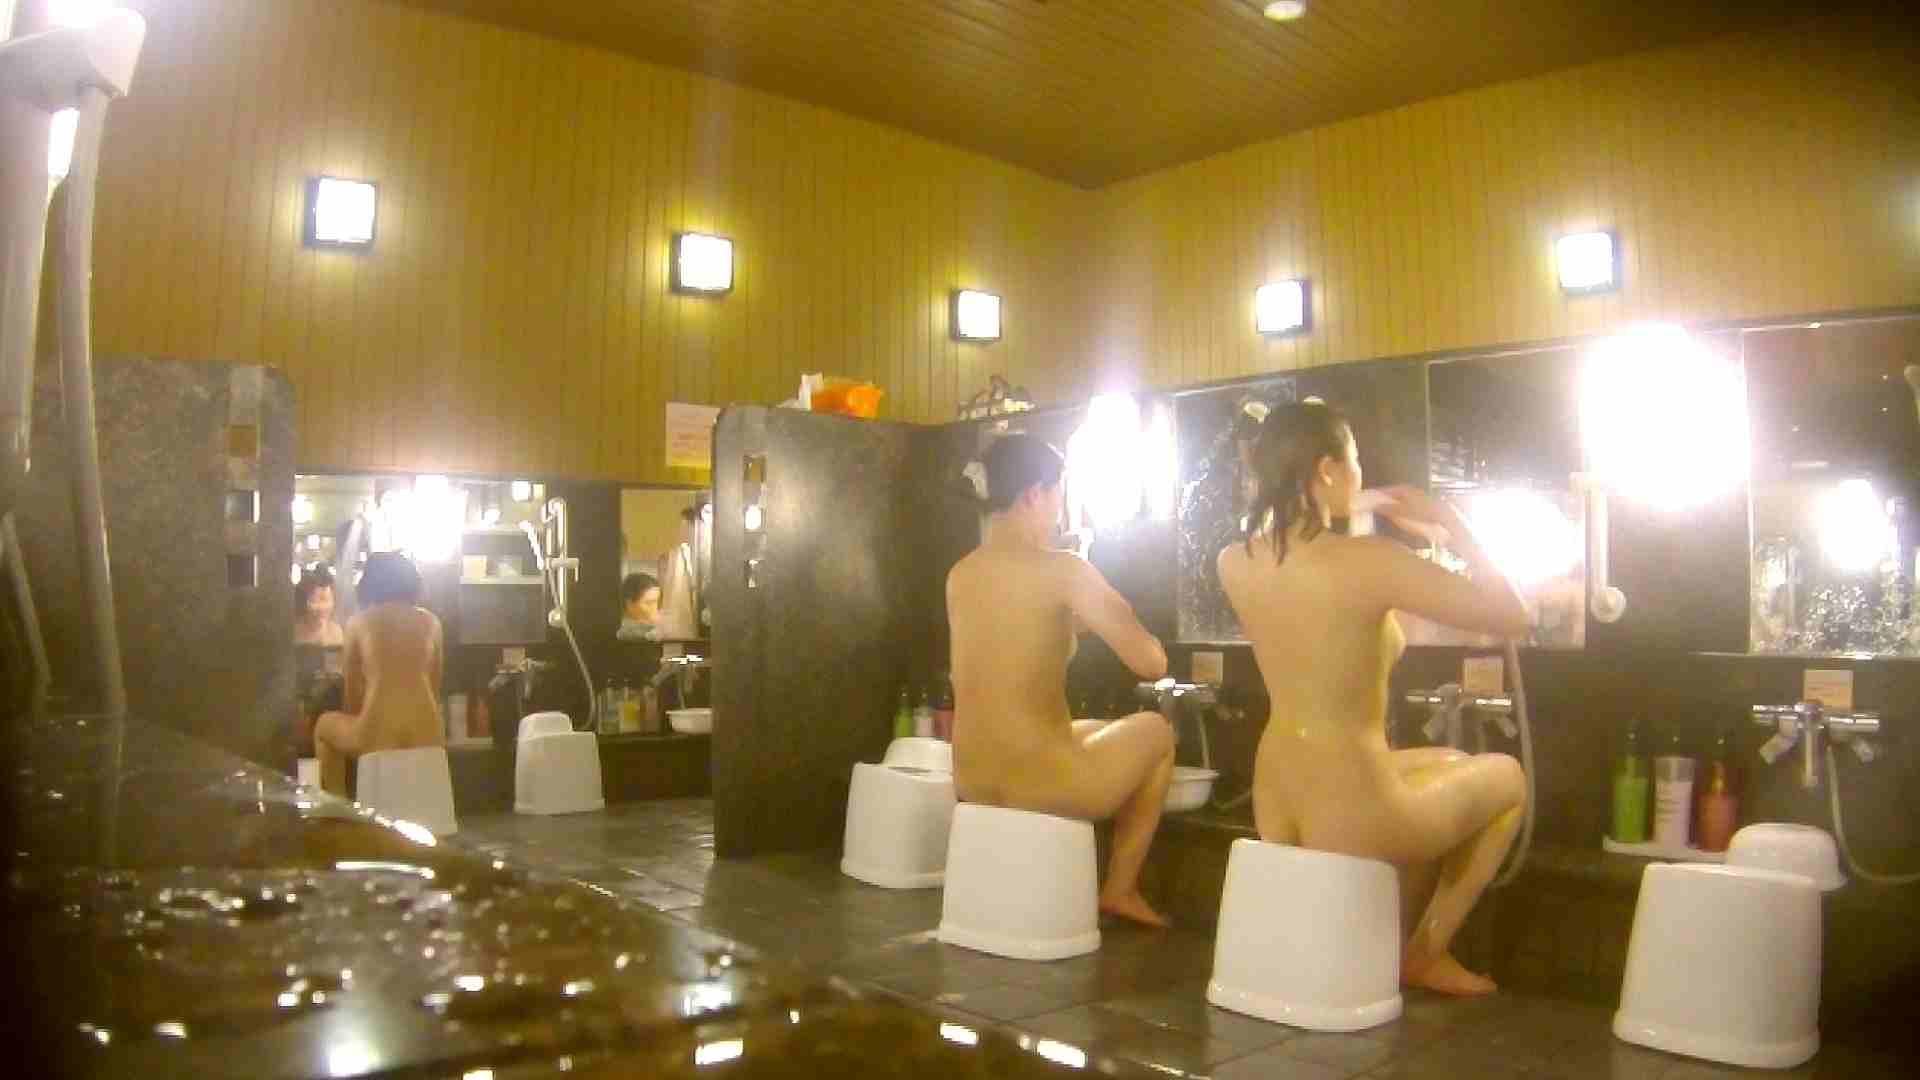 トイレ盗撮|オムニバス!洗い場、通路など色々な裸体が見れてお得です。|怪盗ジョーカー